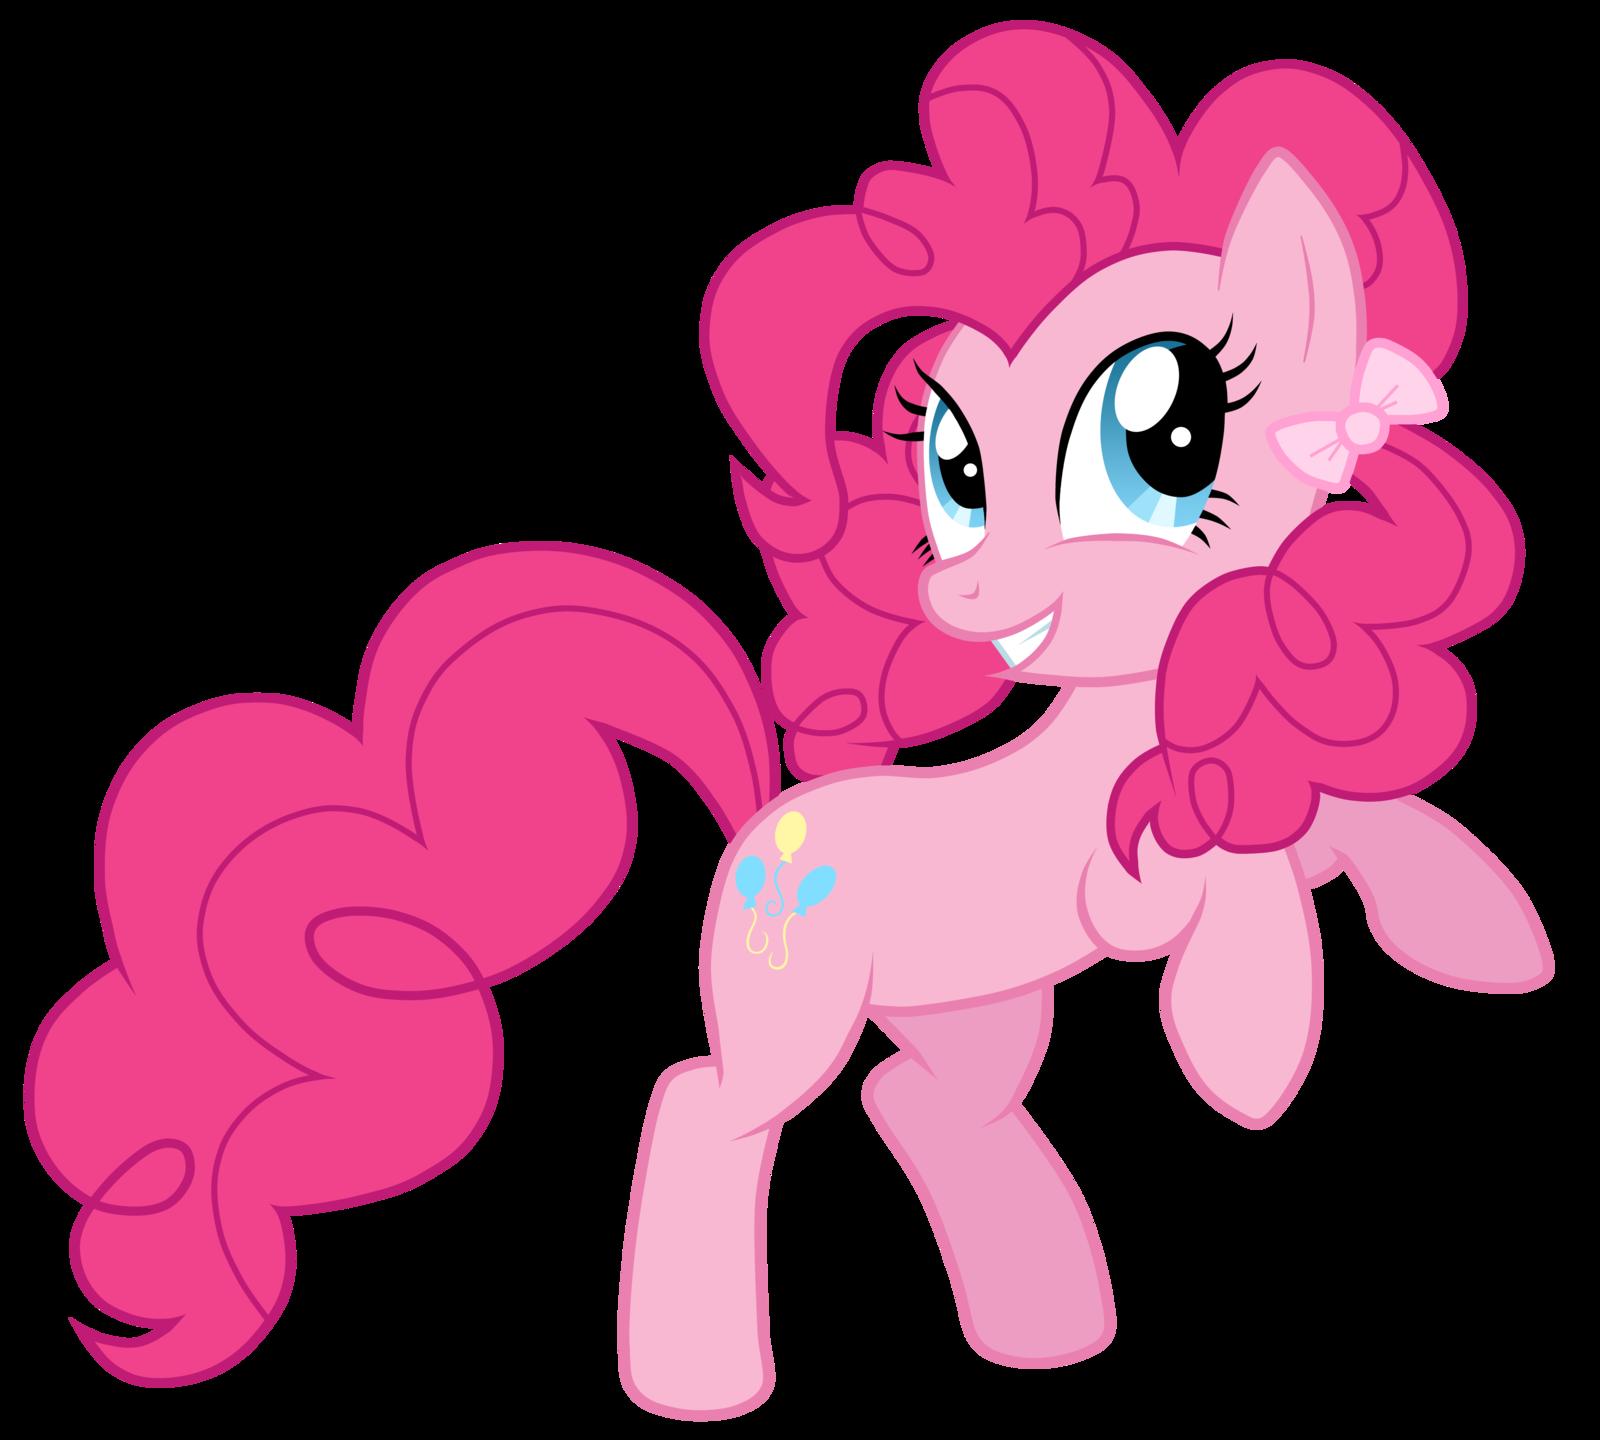 Pinkie Pie With A Ponytail My Little Pony Applejack Pinkie Pie Little Pony